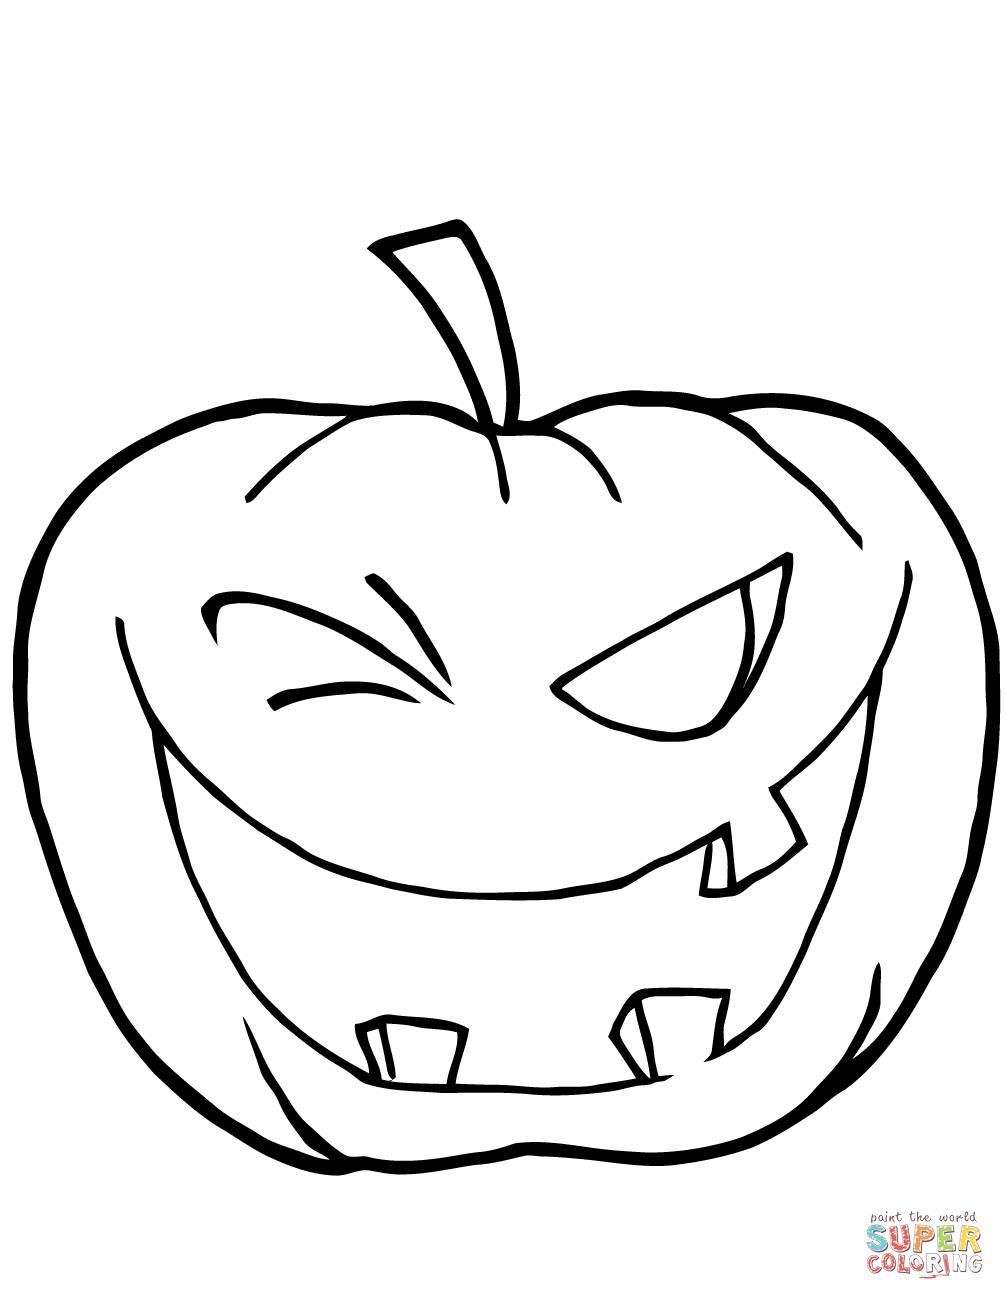 Pumpkins Coloring Pages